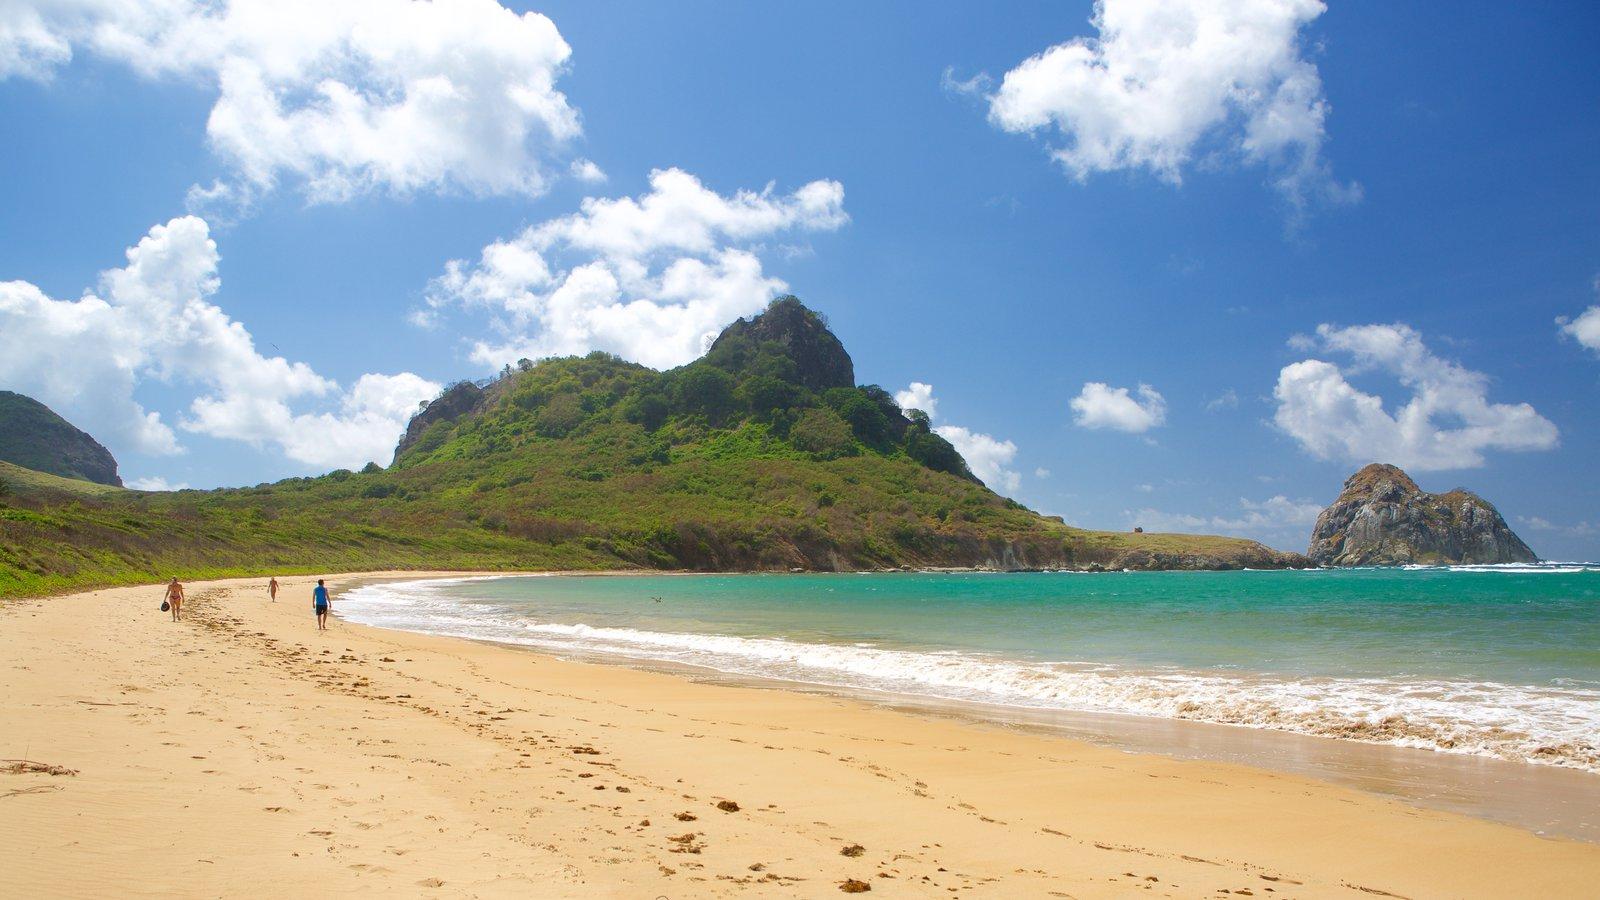 Praia do Sueste caracterizando uma praia, paisagens litorâneas e montanhas